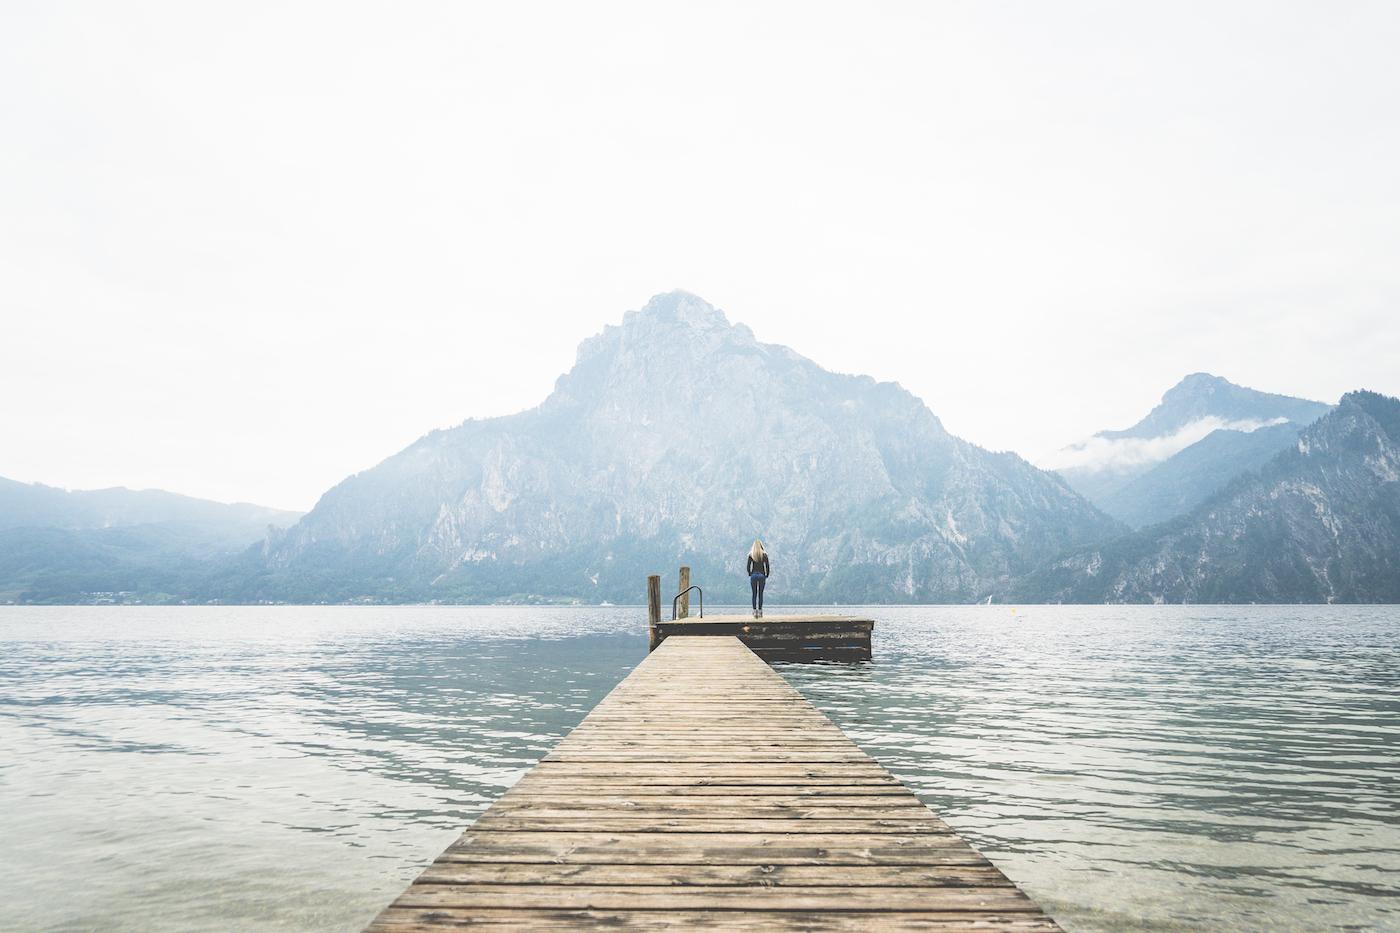 Vorteile Minimalismus- 15 Gründe deinen Lebensstil zu überdenken